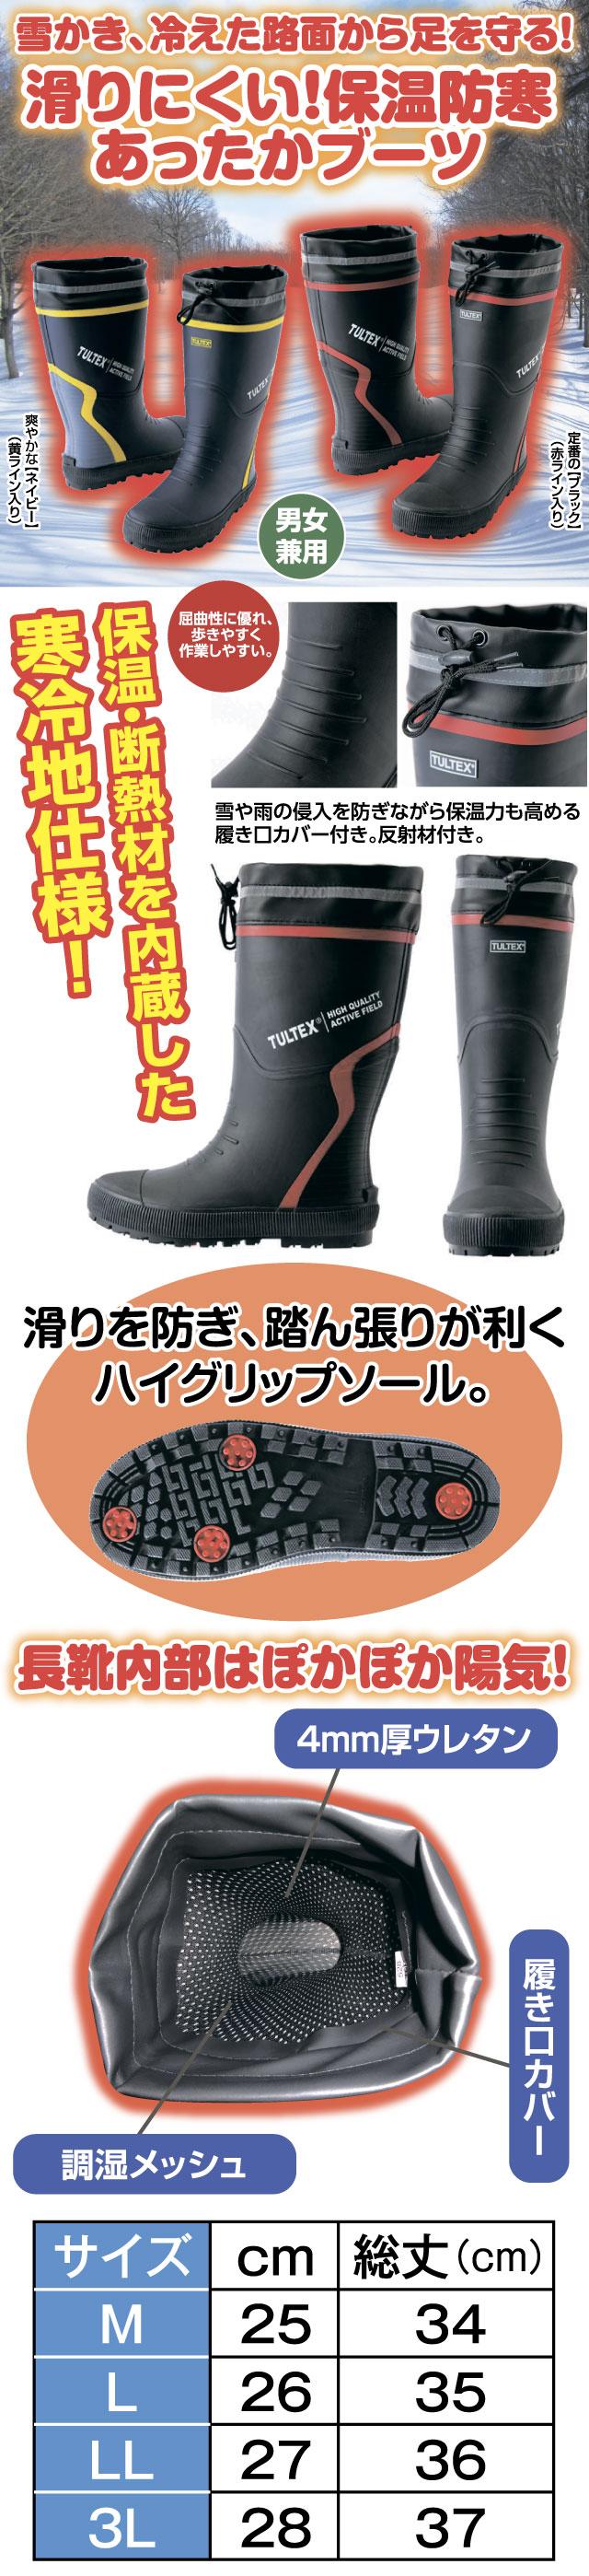 保滑りにくい保温防寒あったかブーツ